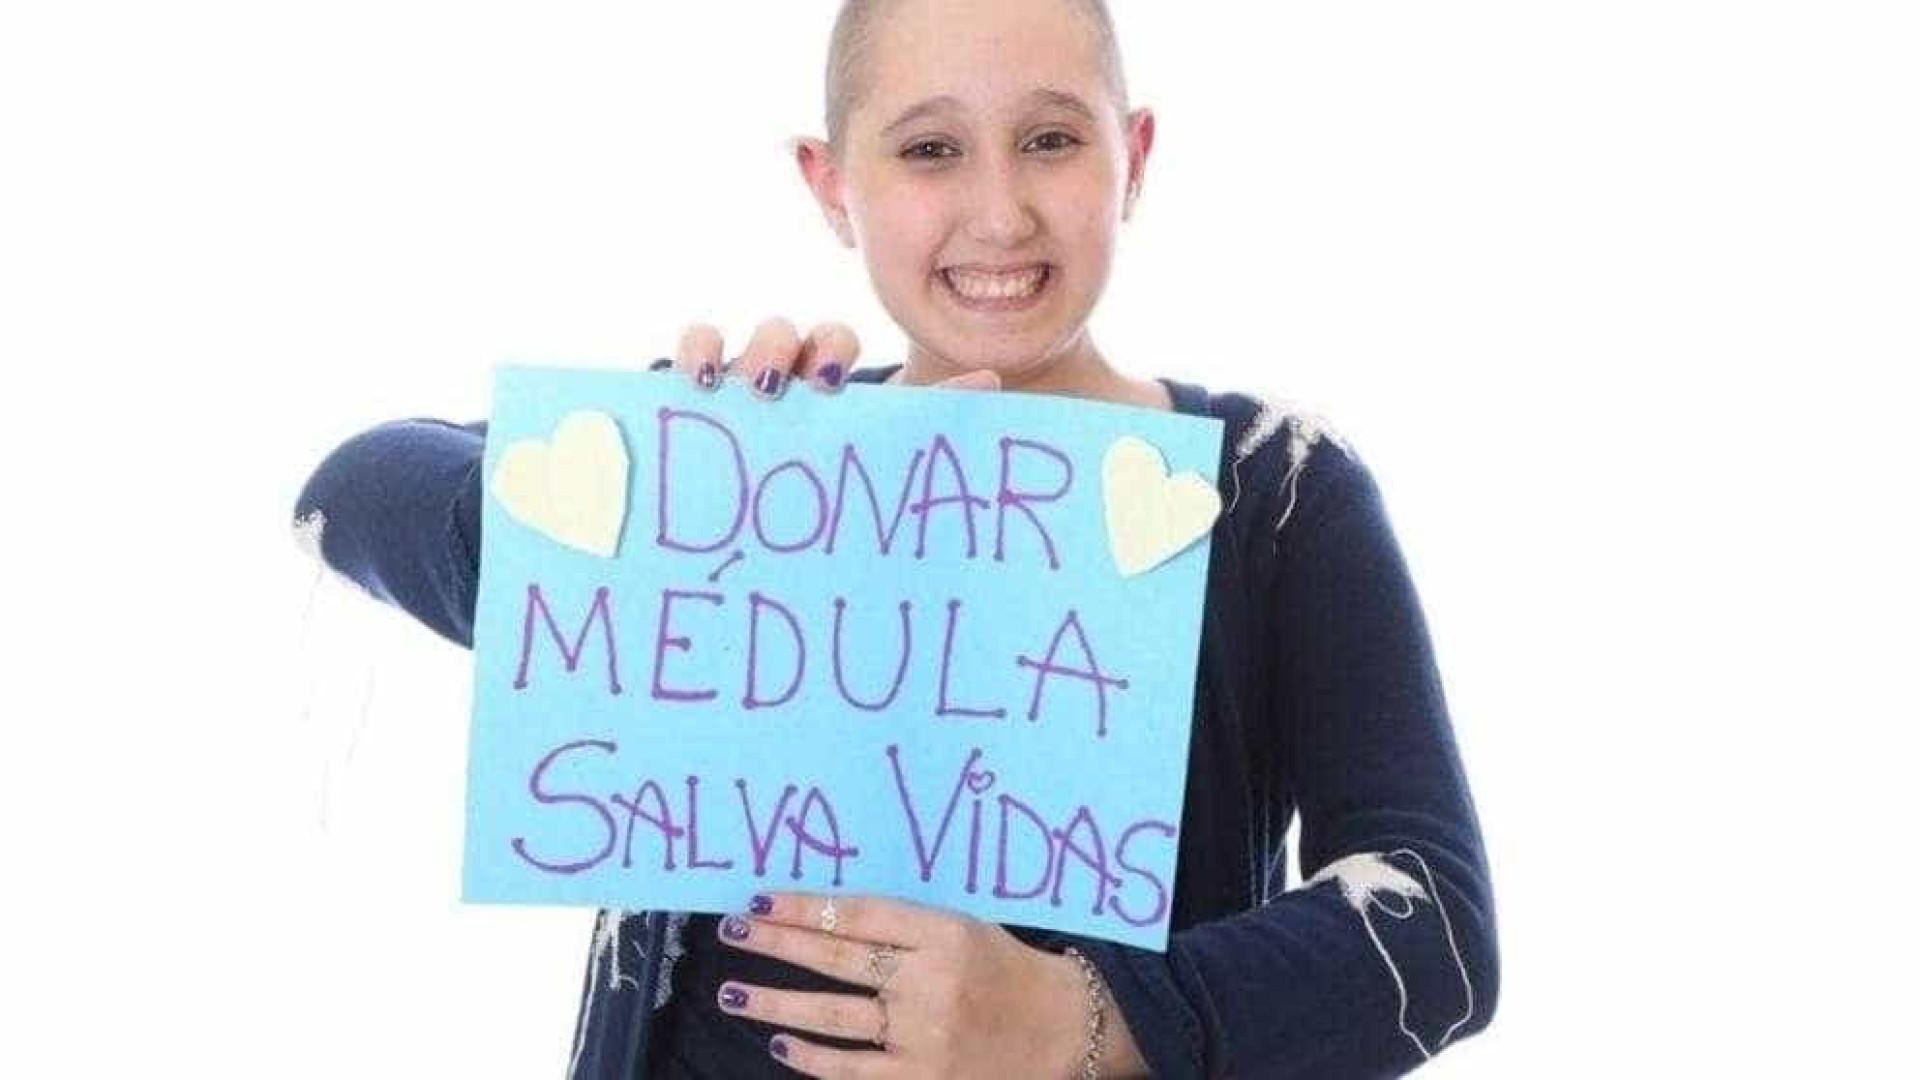 Adolescente que superou leucemia conta história emocionante no YouTube